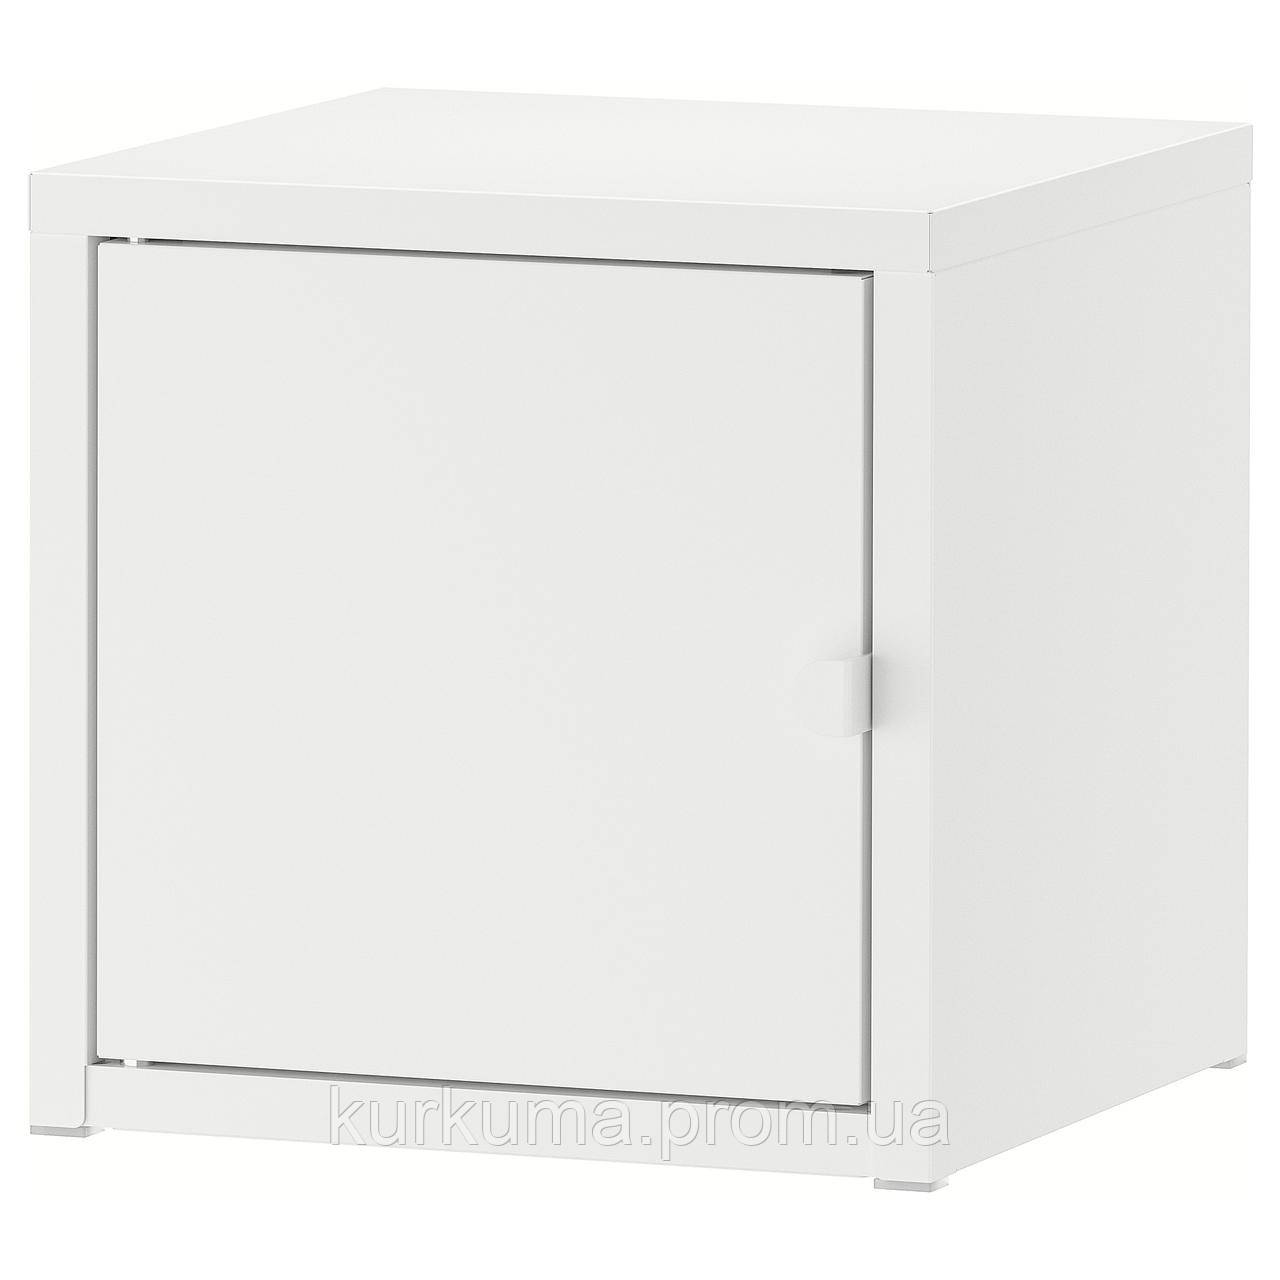 IKEA LIXHULT Шкаф металлический, белый  (503.286.65)